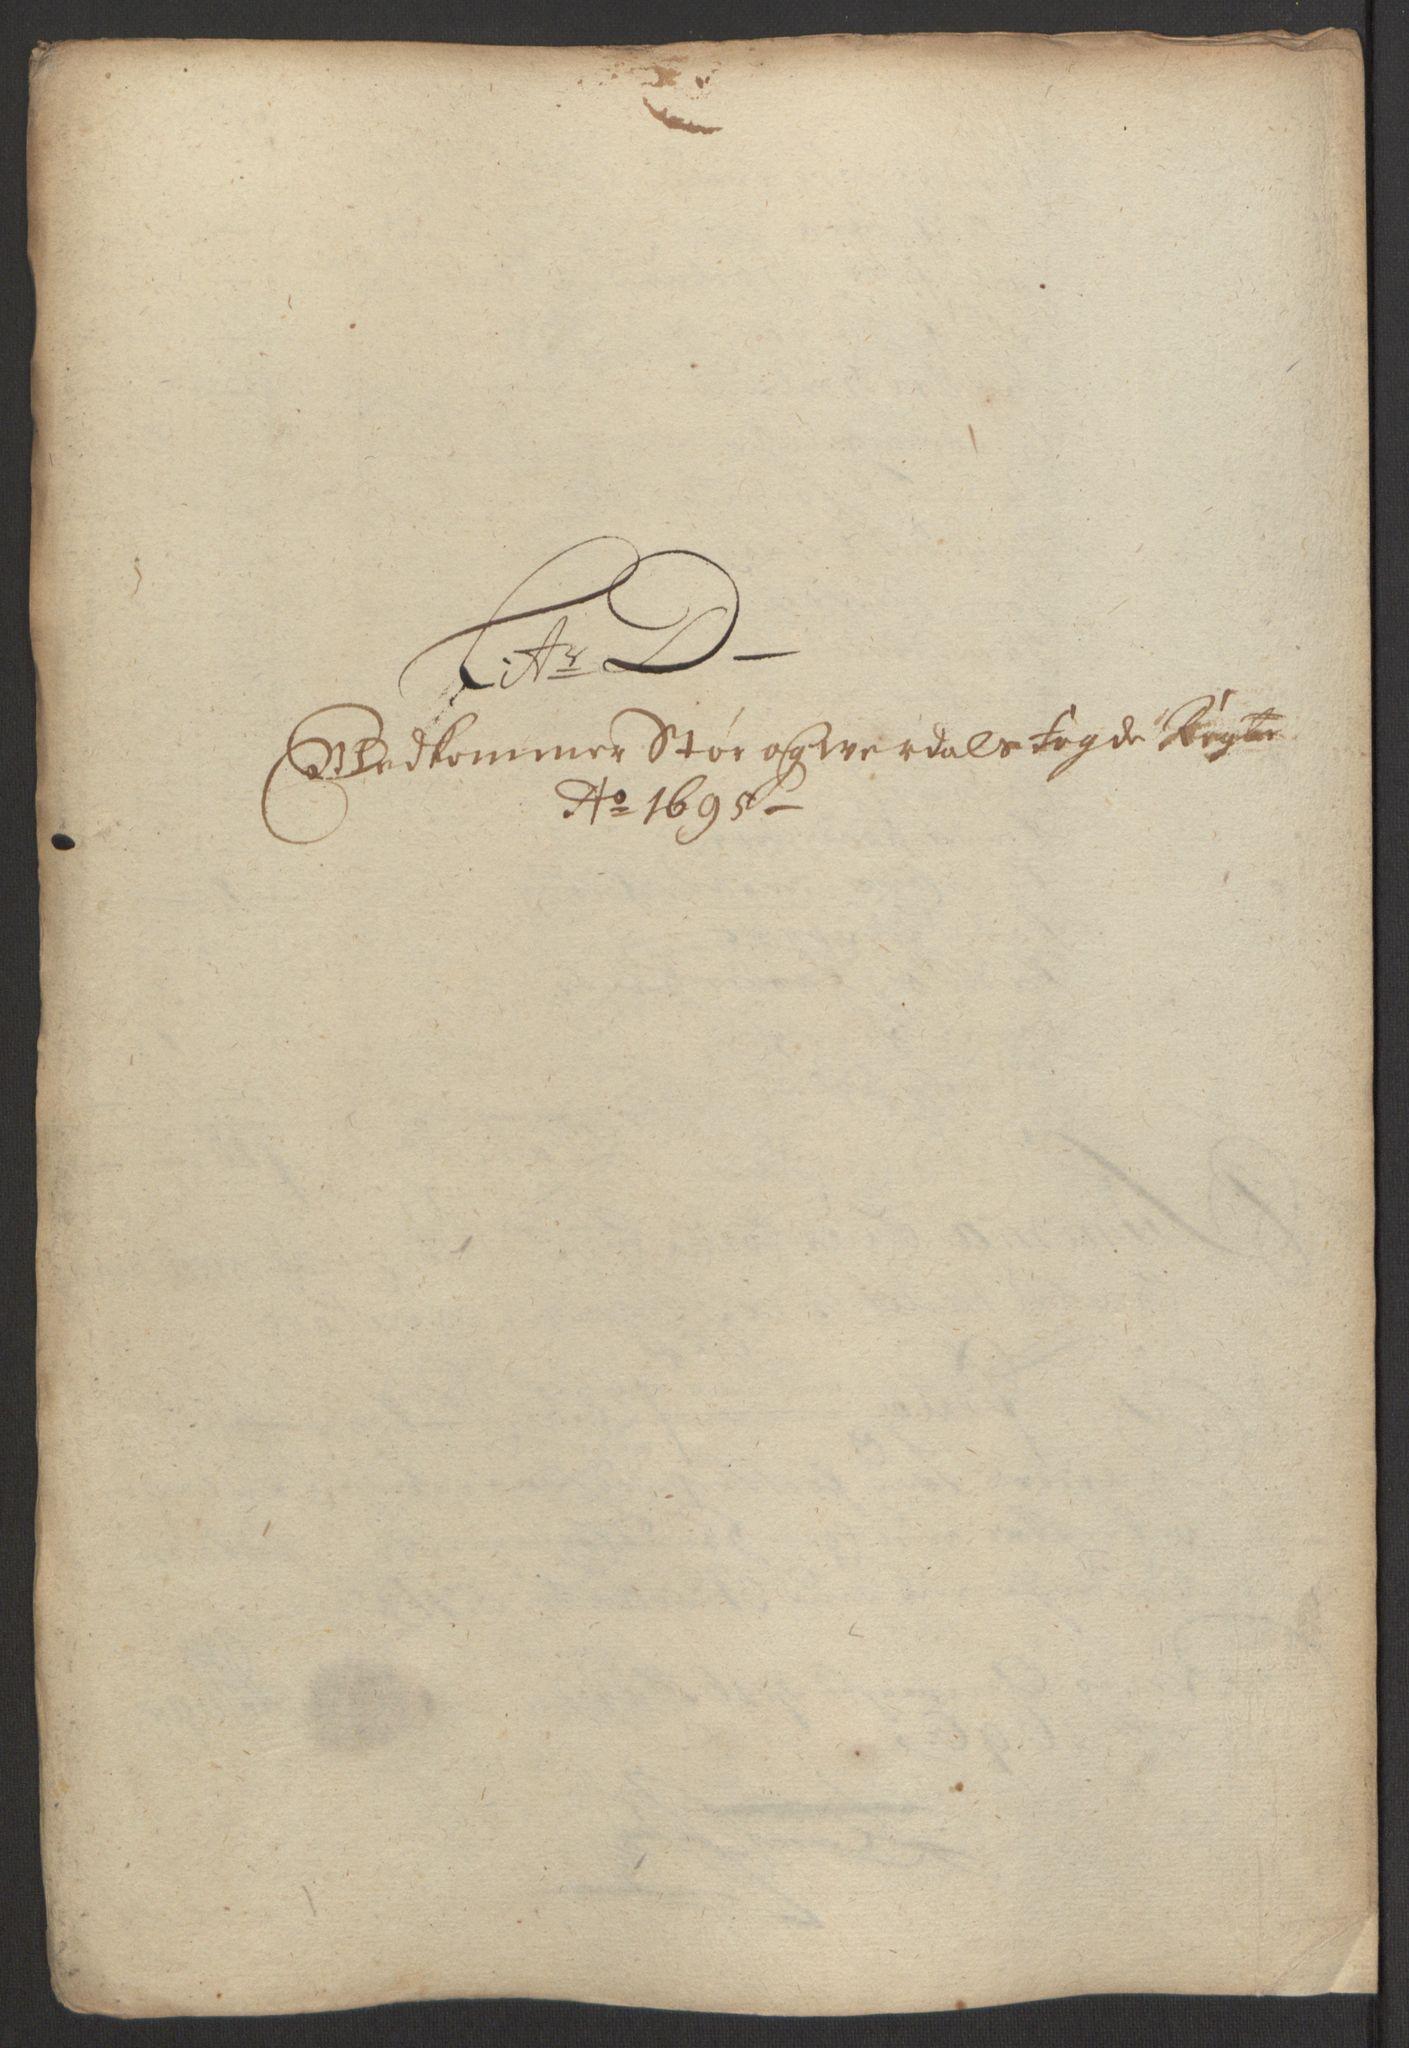 RA, Rentekammeret inntil 1814, Reviderte regnskaper, Fogderegnskap, R62/L4187: Fogderegnskap Stjørdal og Verdal, 1695, s. 65